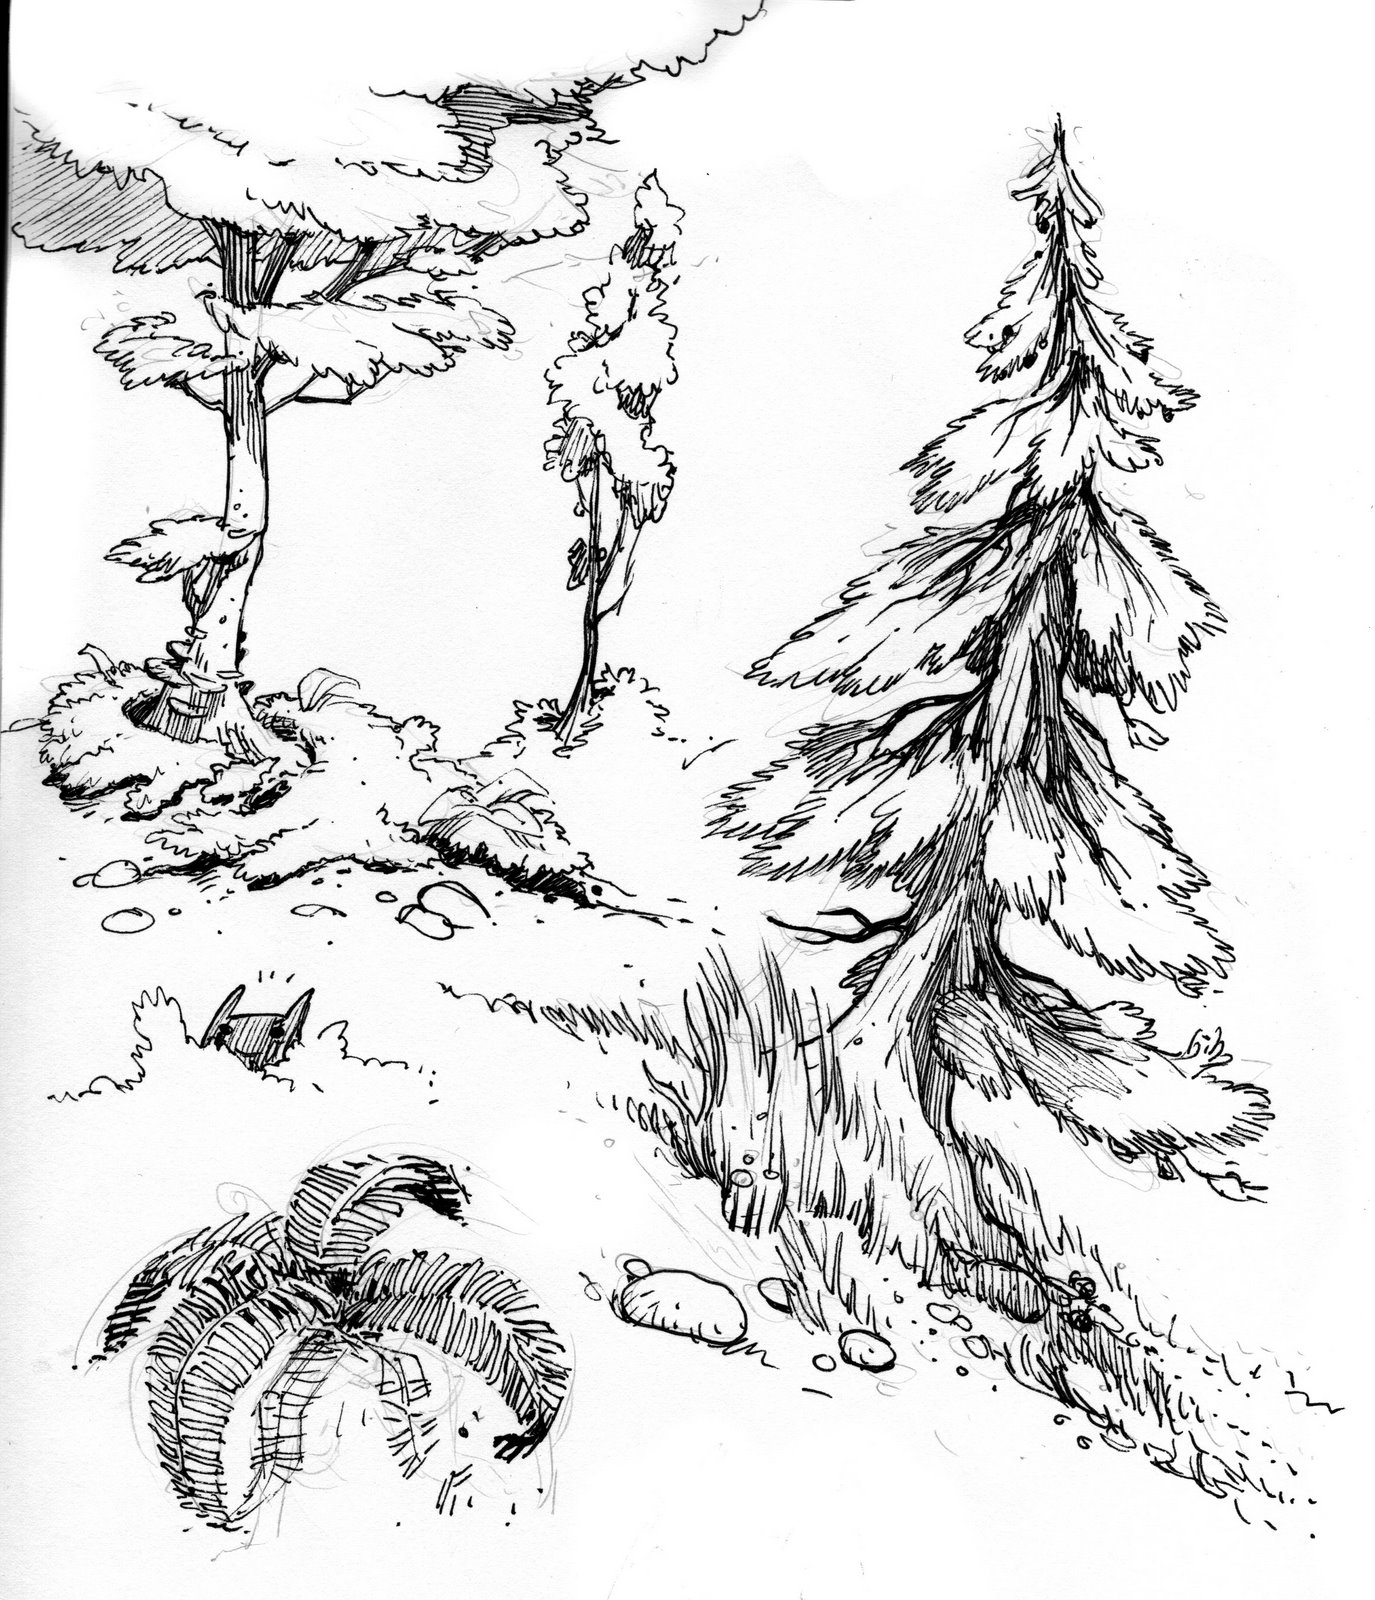 1375x1600 Trees 4.jpg] Trees Tree Planting, Drawing